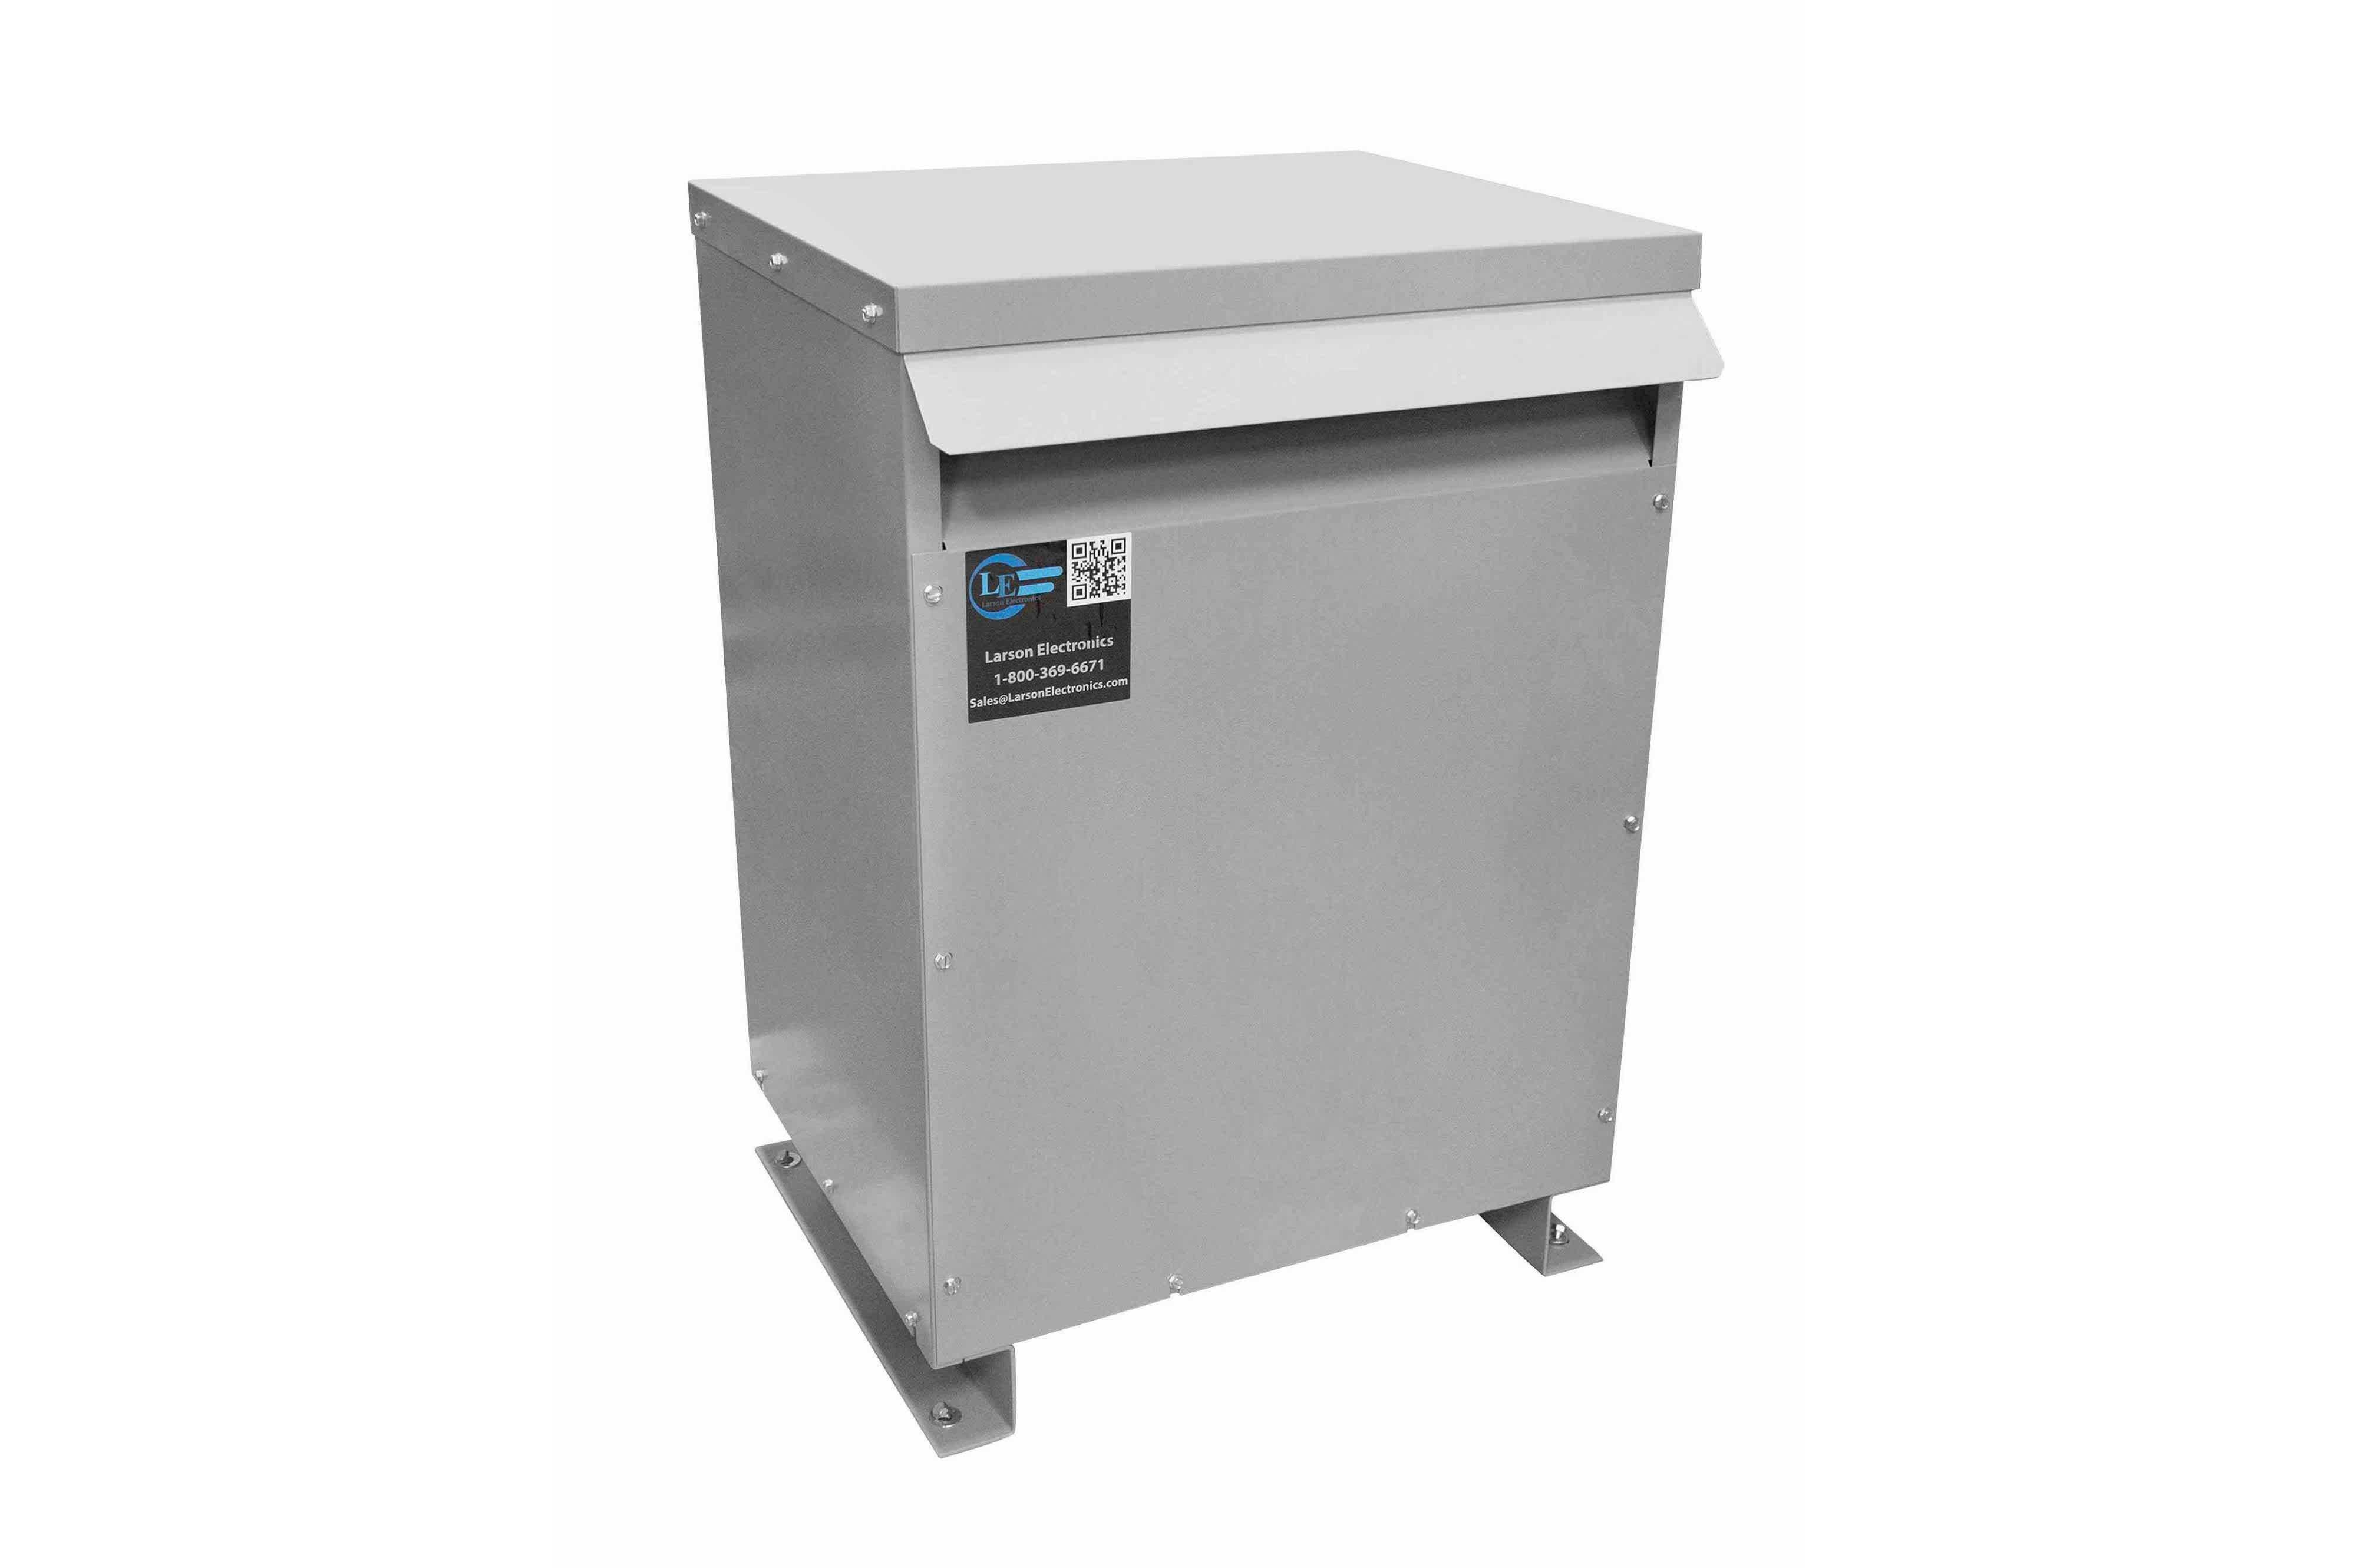 200 kVA 3PH DOE Transformer, 480V Delta Primary, 240V/120 Delta Secondary, N3R, Ventilated, 60 Hz